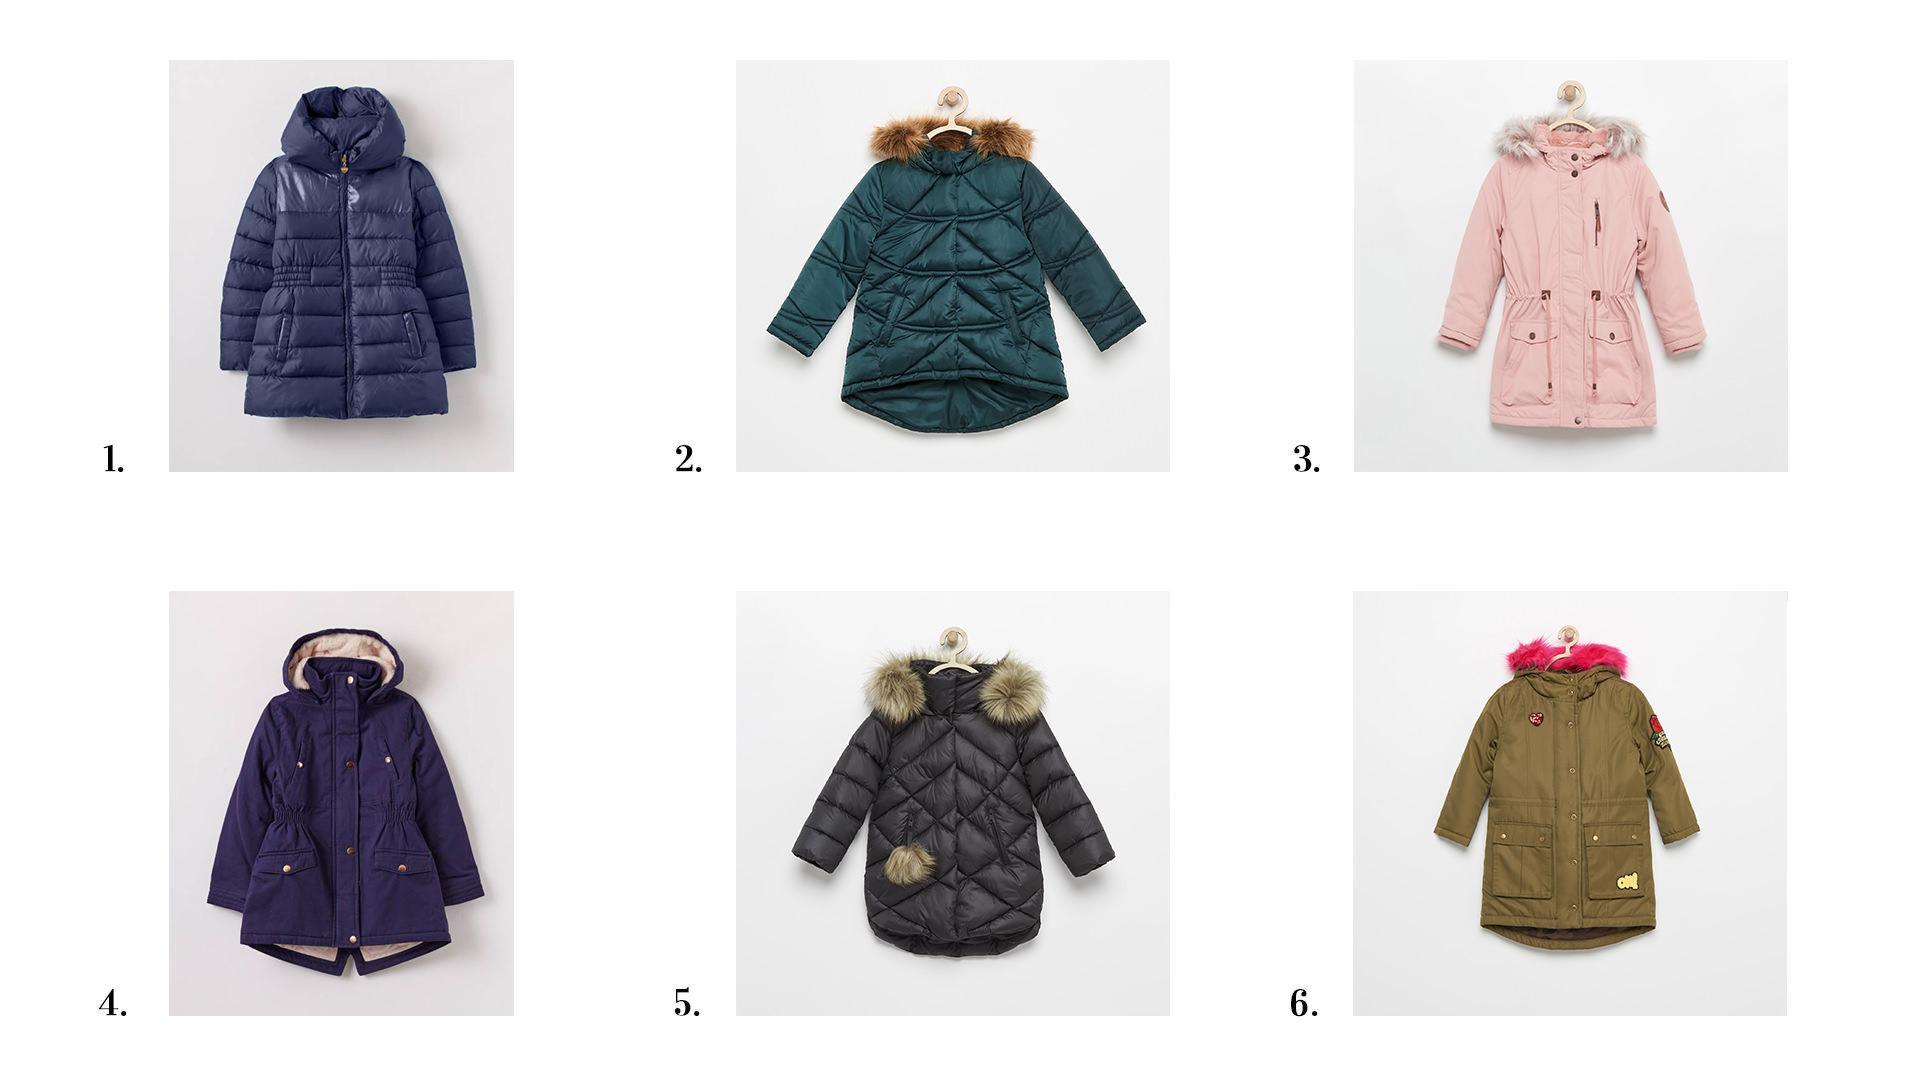 7b8a88dbd3fb5f Najlepsze kurtki zimowe dla dzieci ⋆ Oshopping Blog